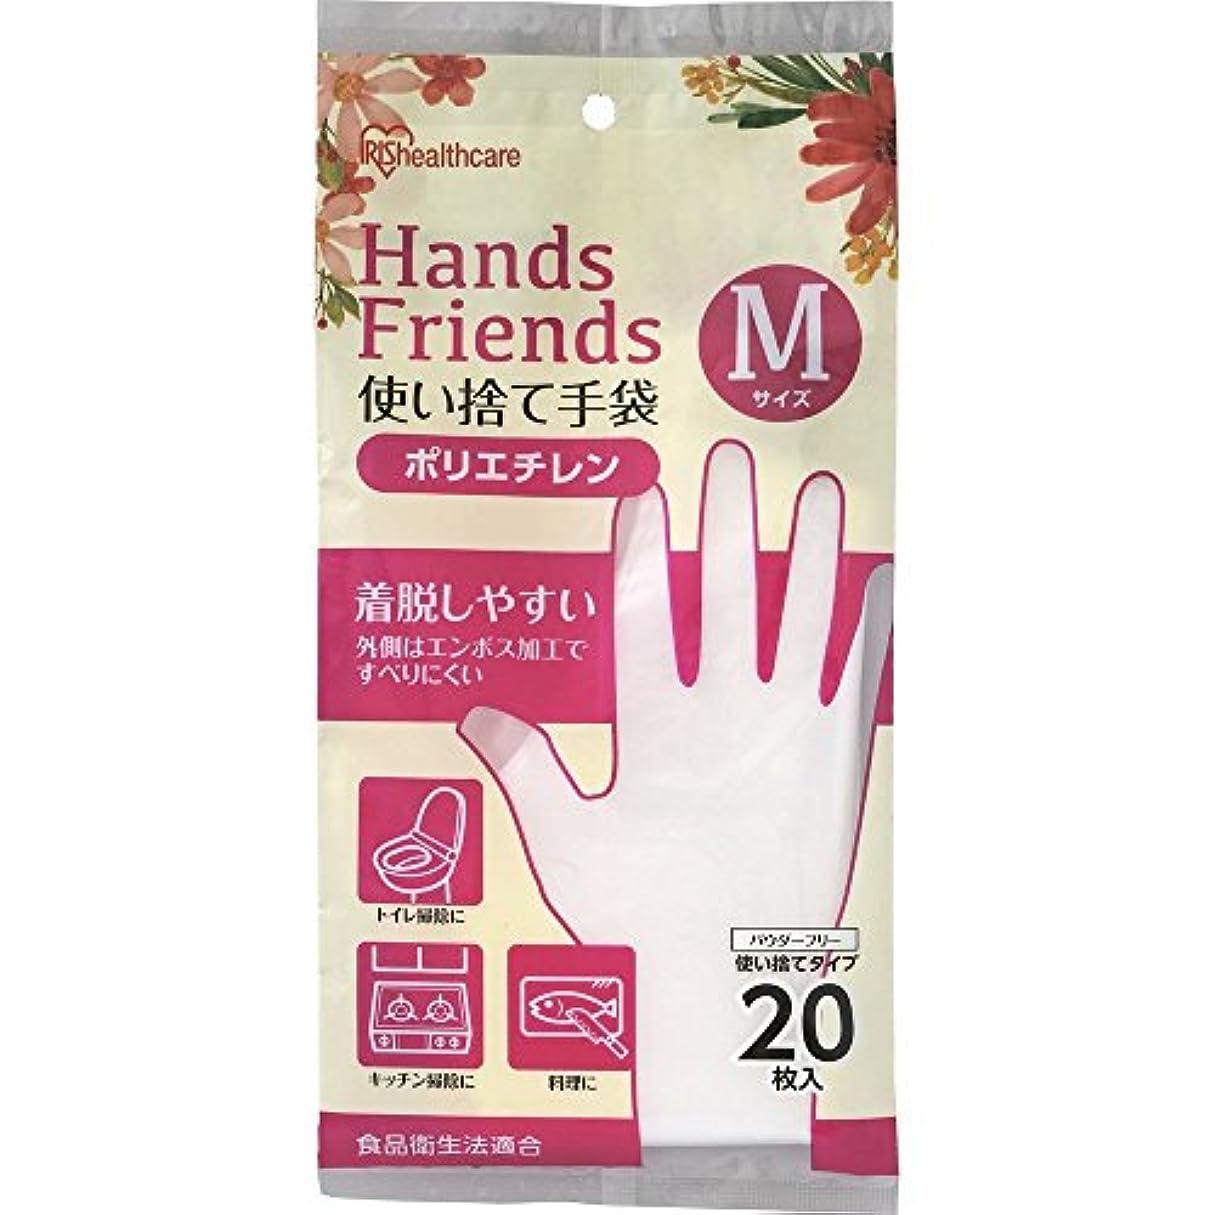 アシュリータファーマンに慣れヒョウ使い捨て手袋 ポリエチレン手袋 Mサイズ 粉なし パウダーフリー クリア 20枚入